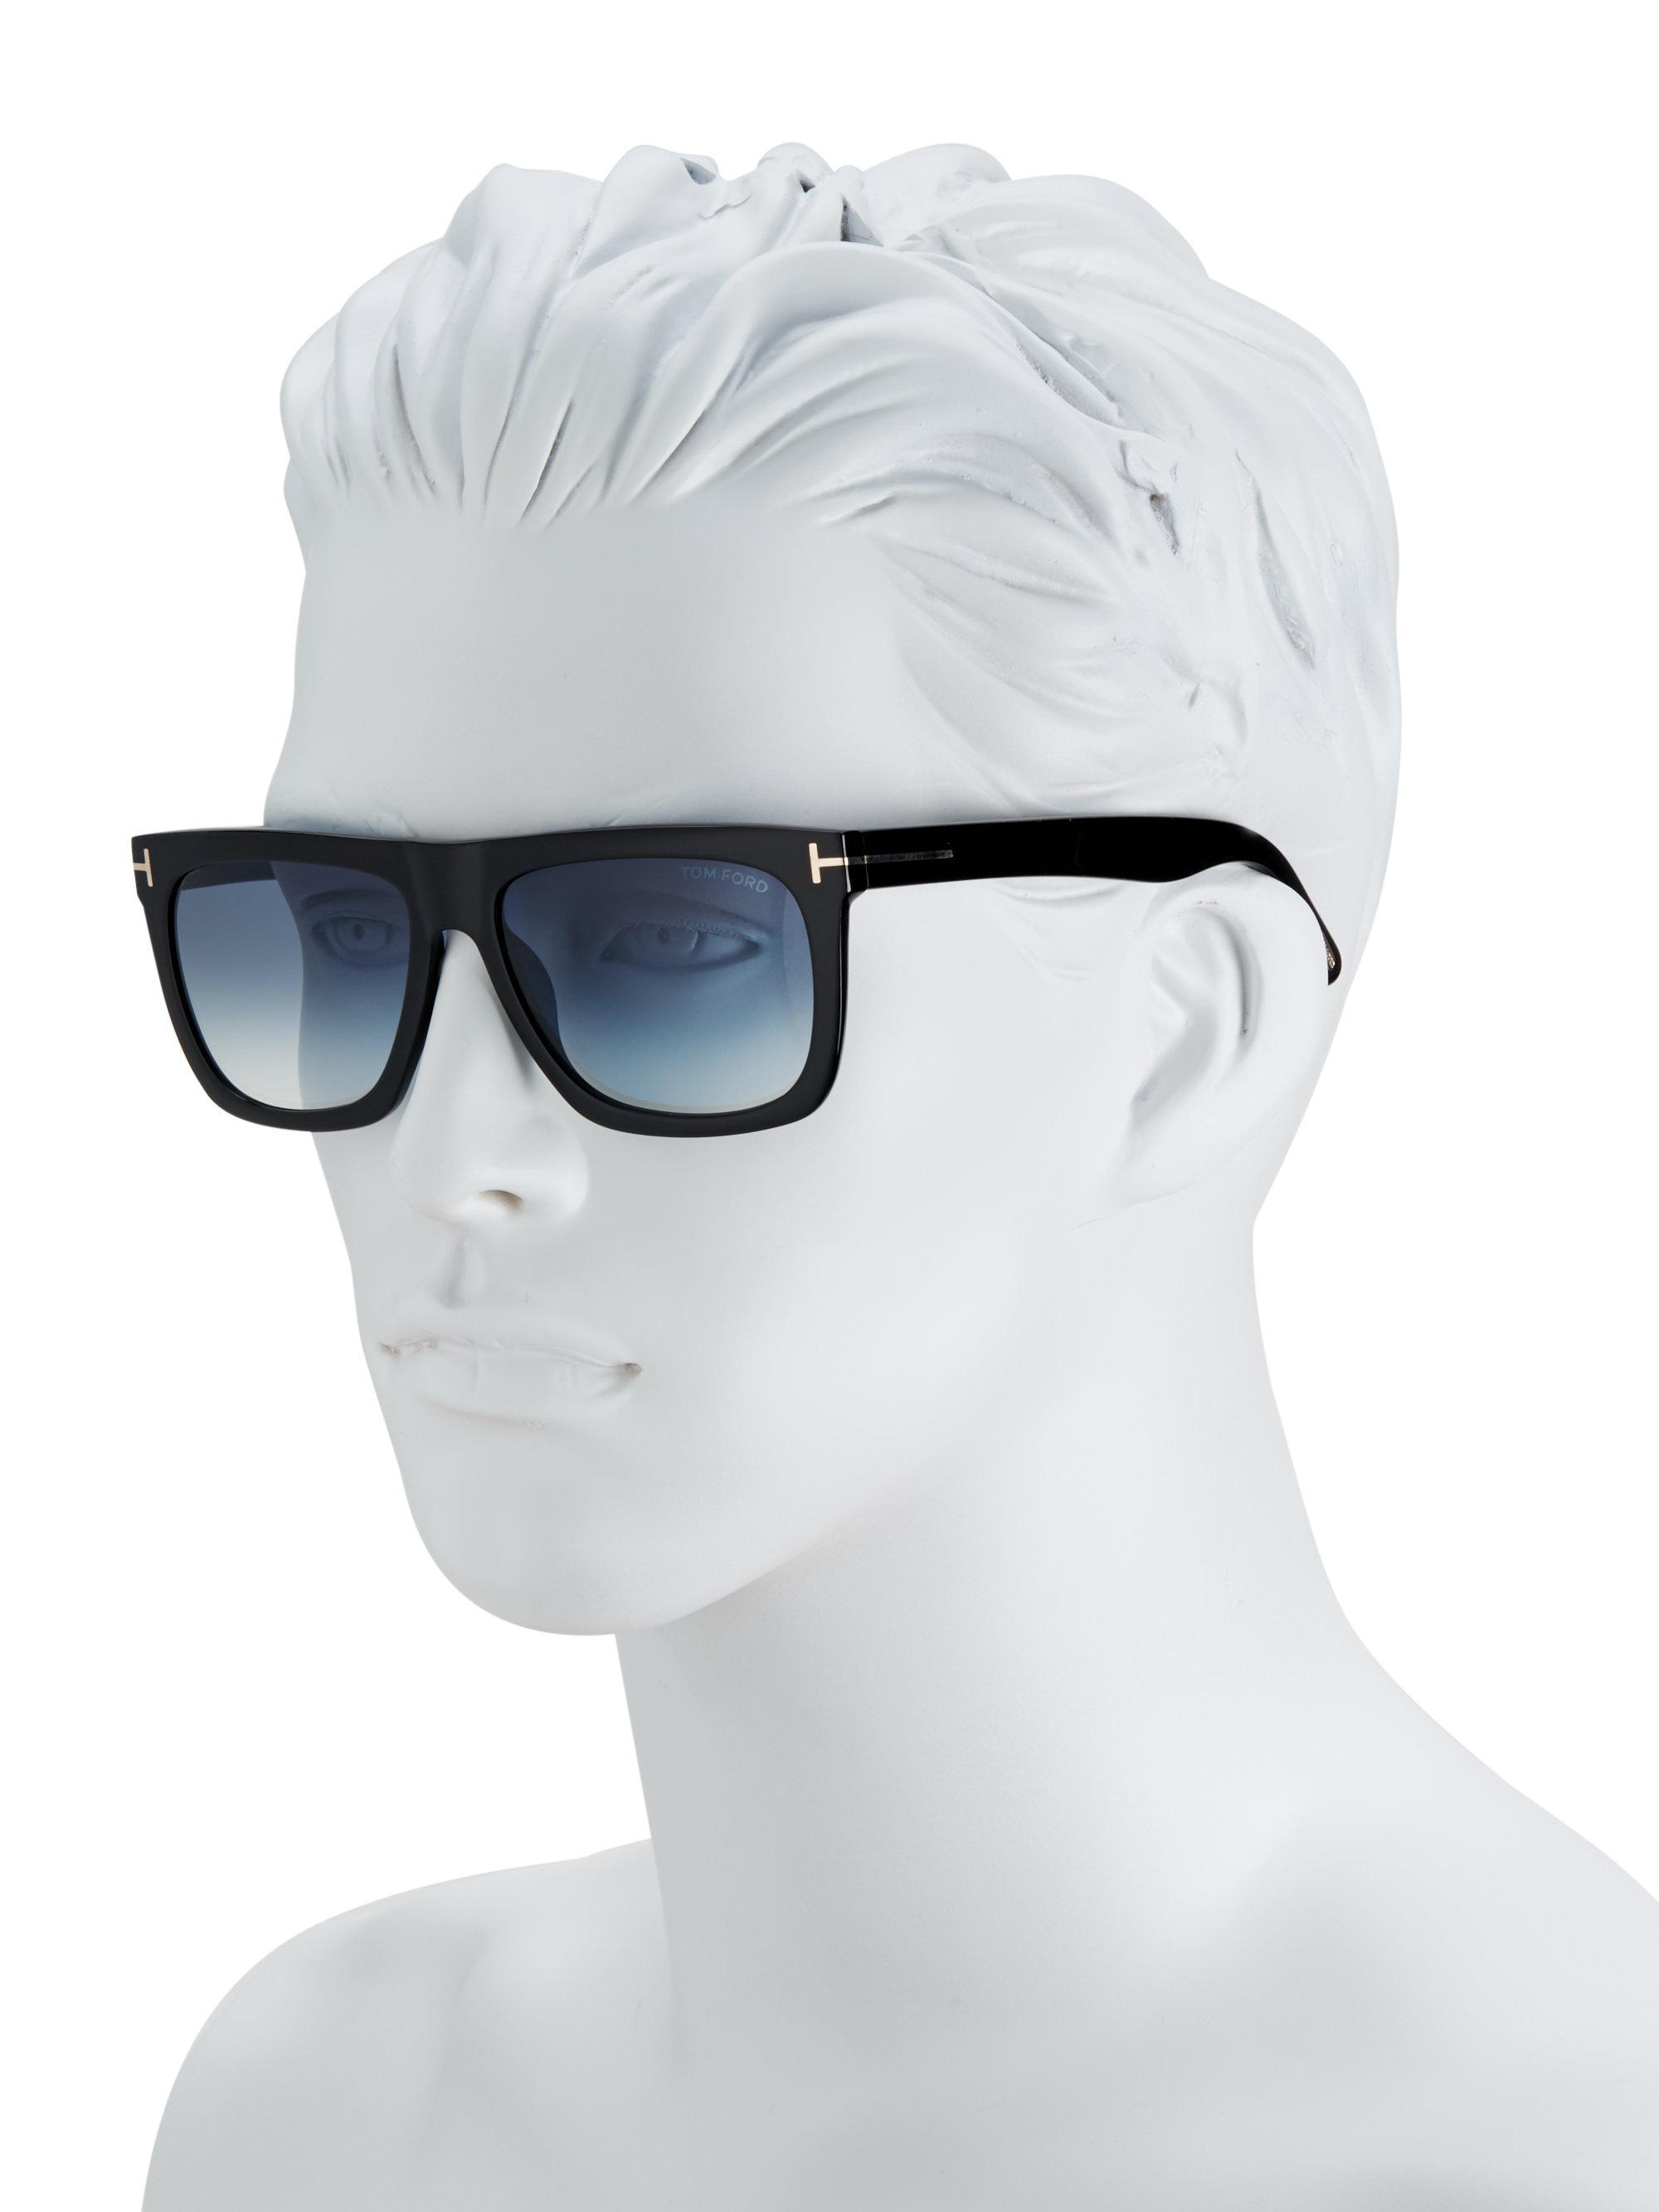 da7bb5a1de71b Tom Ford Morgan 57mm Soft Square Sunglasses in Black for Men - Lyst